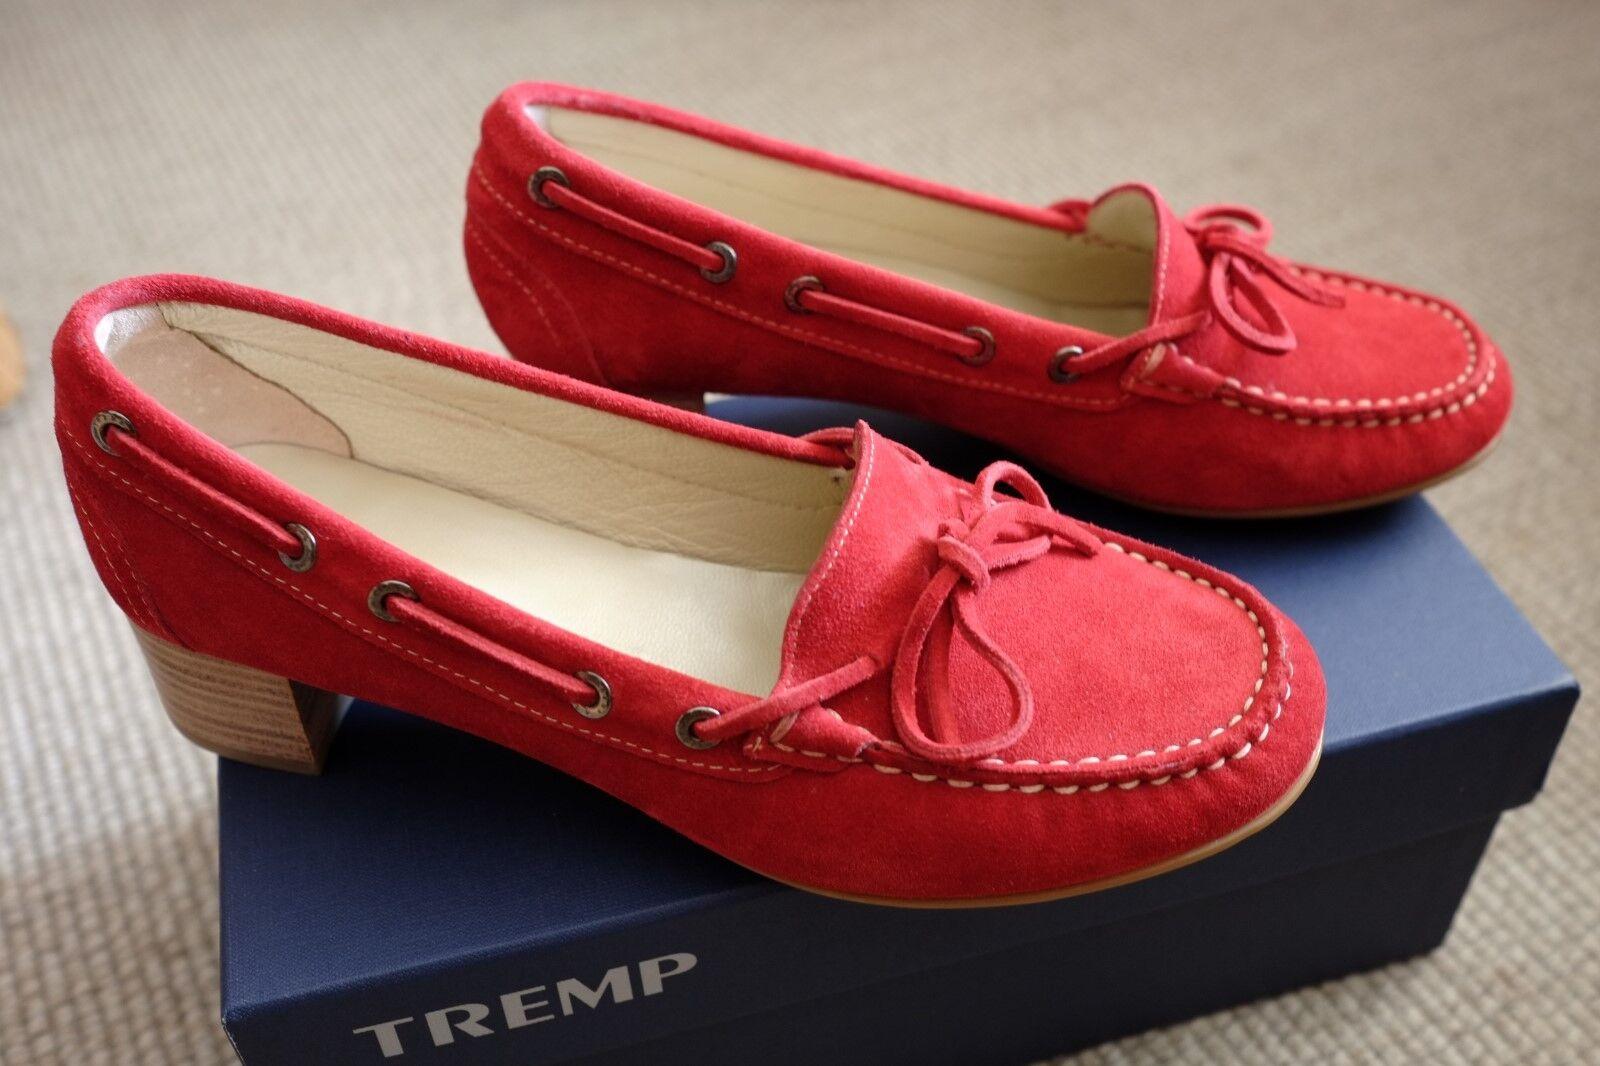 Rote Loafer TREMP, von TREMP, Loafer neu, Größe 38,5 26d8ee